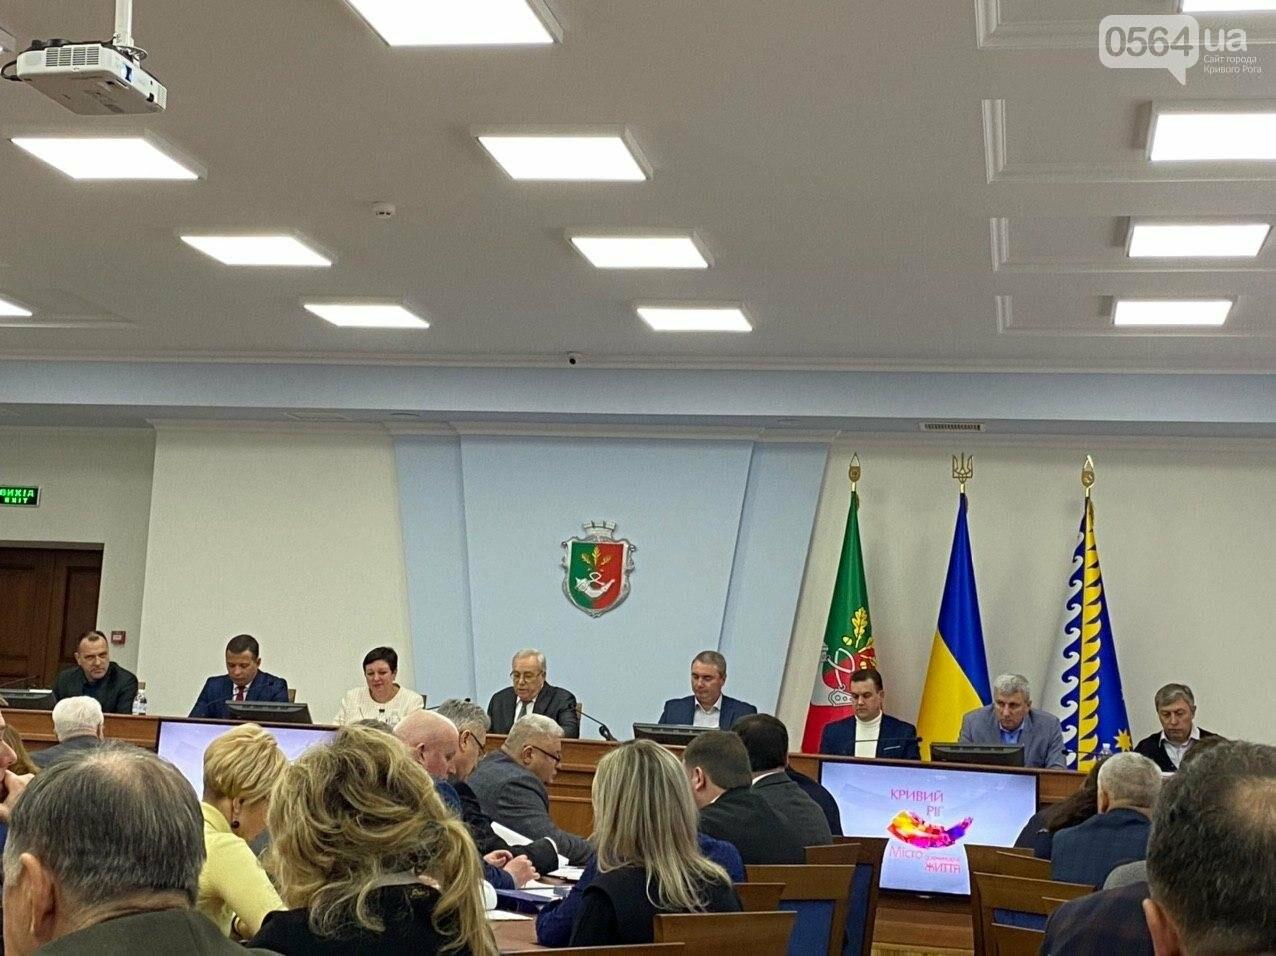 Криворожские чиновники собрались на первое в 2020 заседание горисполкома, - ФОТО, фото-5